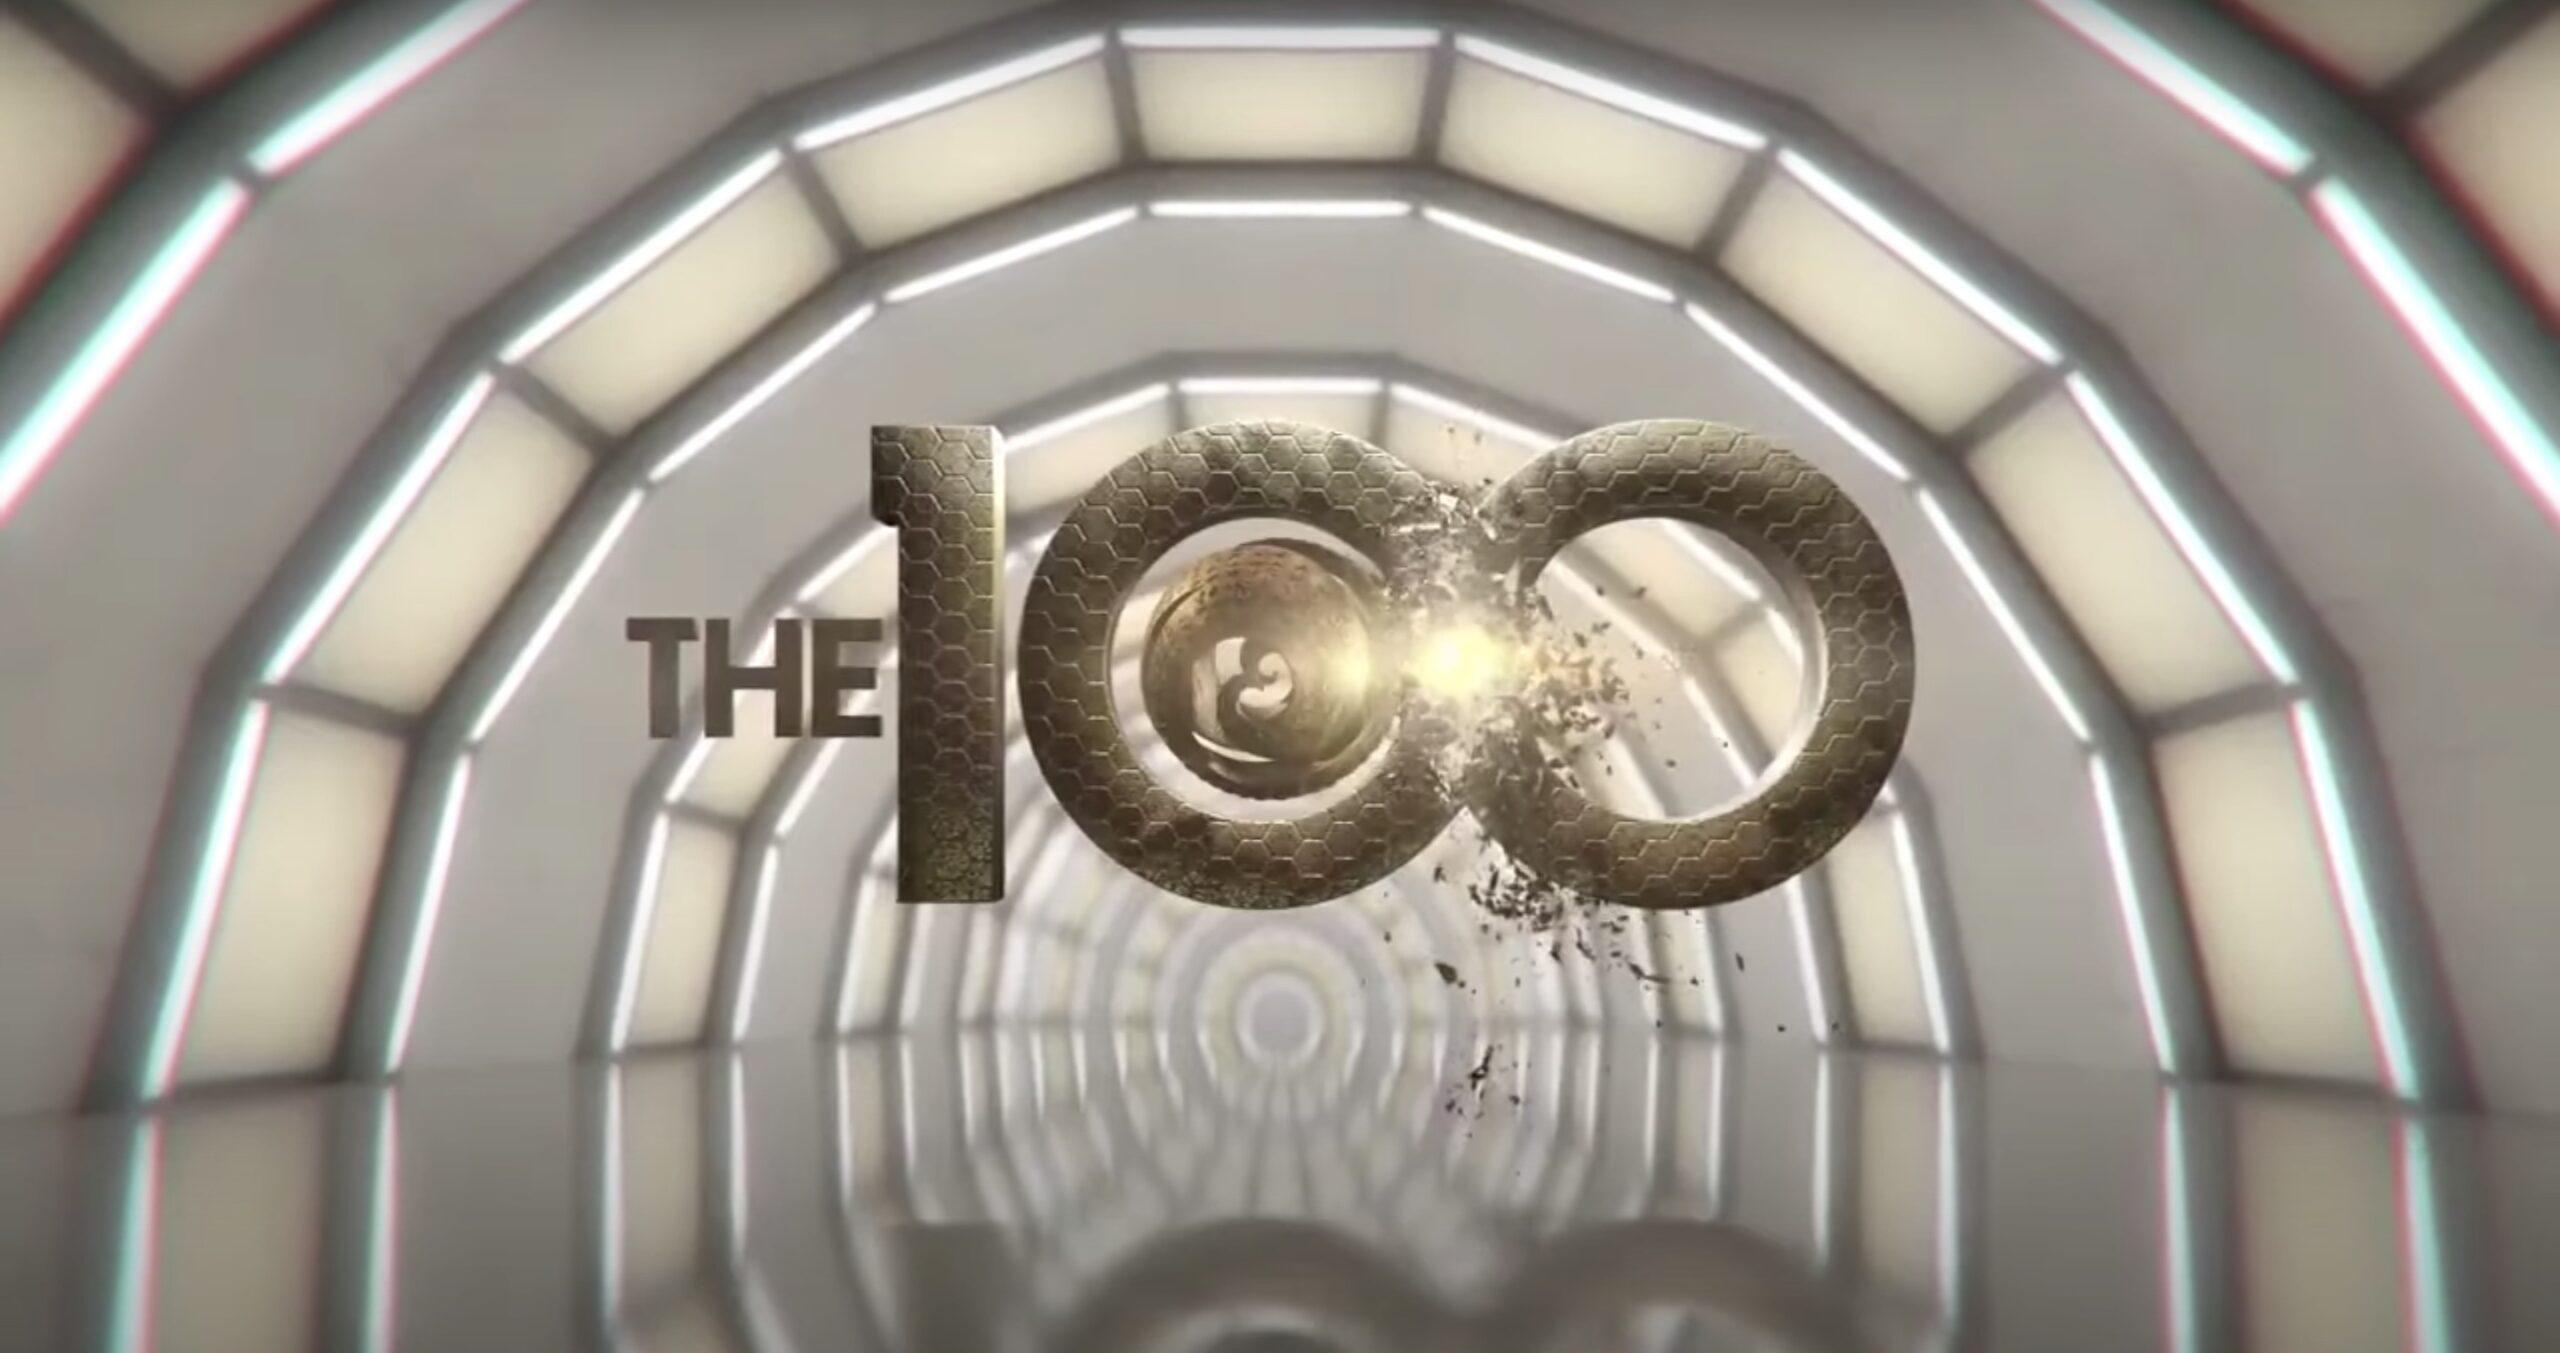 The 100 7 logo